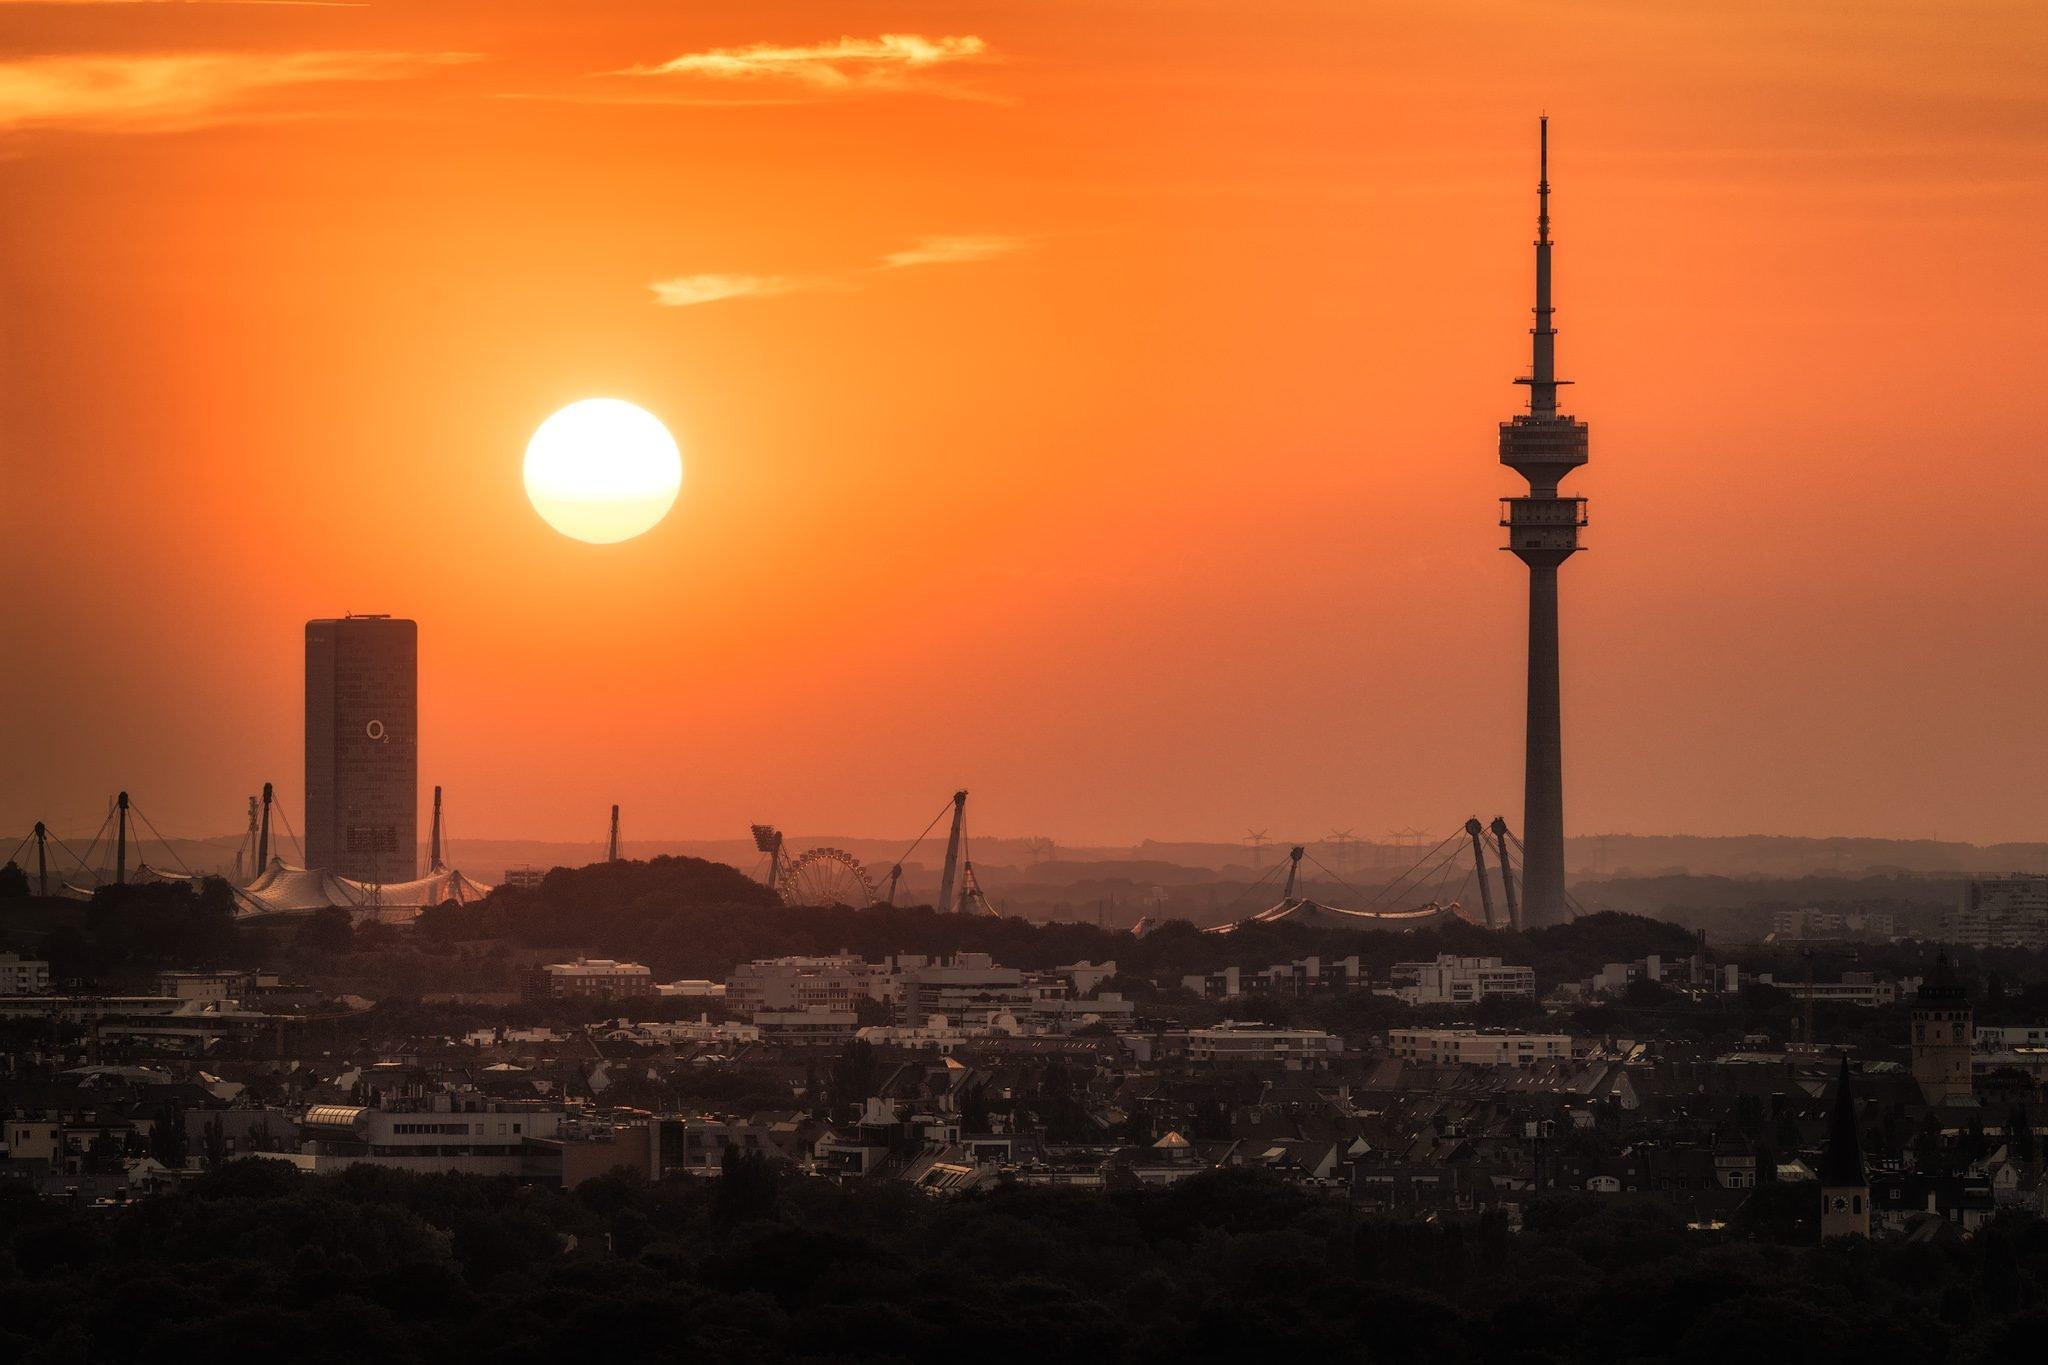 Münchener Skyline und Der Olympiaturm (Olympiaturm im Olympiapark), Deutschland.